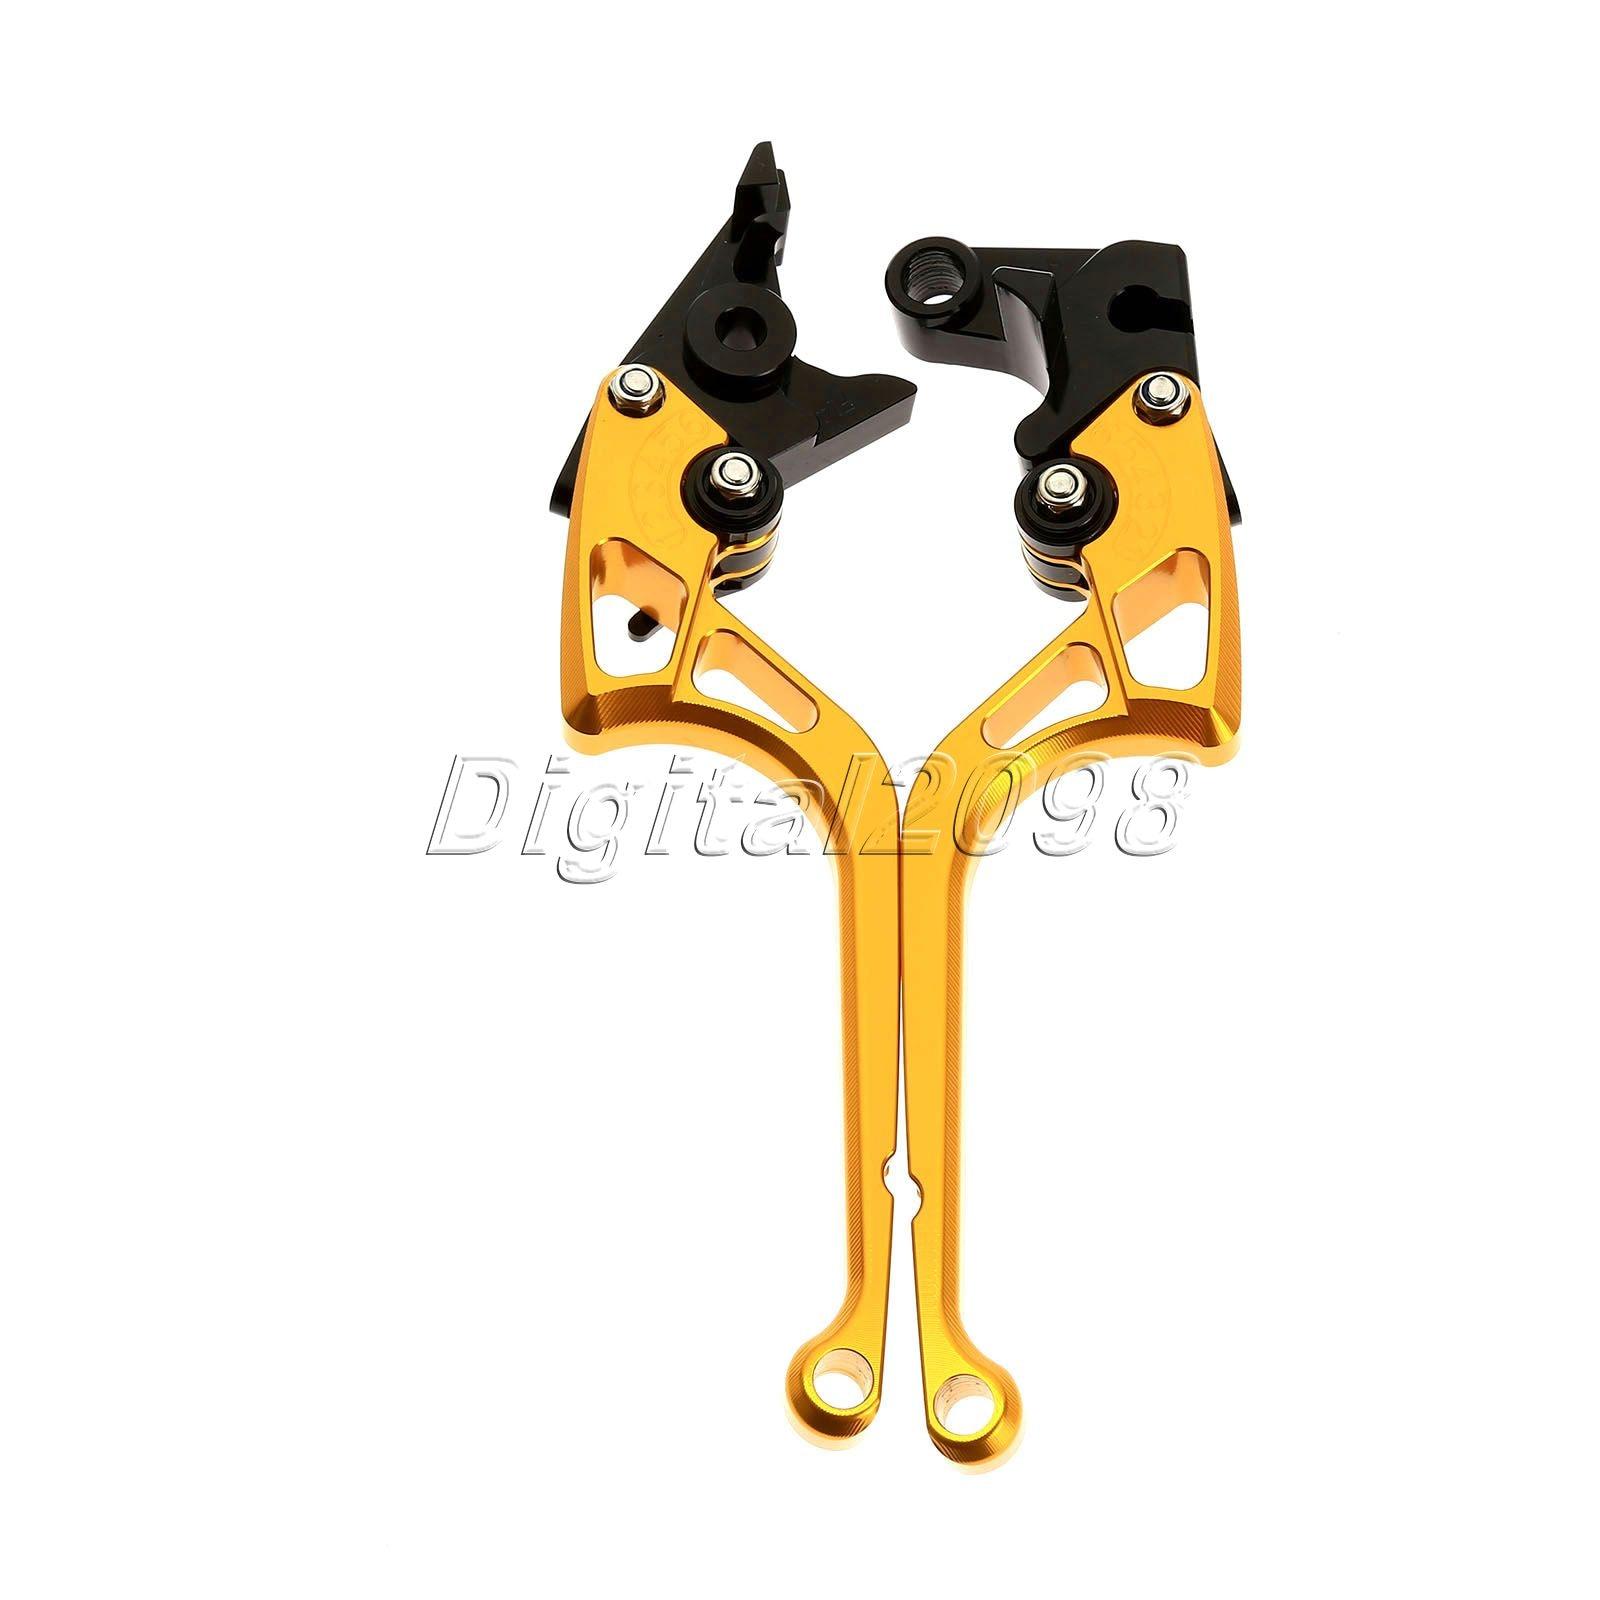 For Suzuki GSXR600 2006-10,GSXR750 2006-10,GSXR1000 2005-06 F-35/S-35 Brake Clutch Levers CNC Adjustable Levers Moto Accessories alu new folding billet adjustable brake clutch levers for suzuki gsxr 600 750 1000 gsxr600 gsxr750 gsxr1000 09 10 11 12 13 14 15